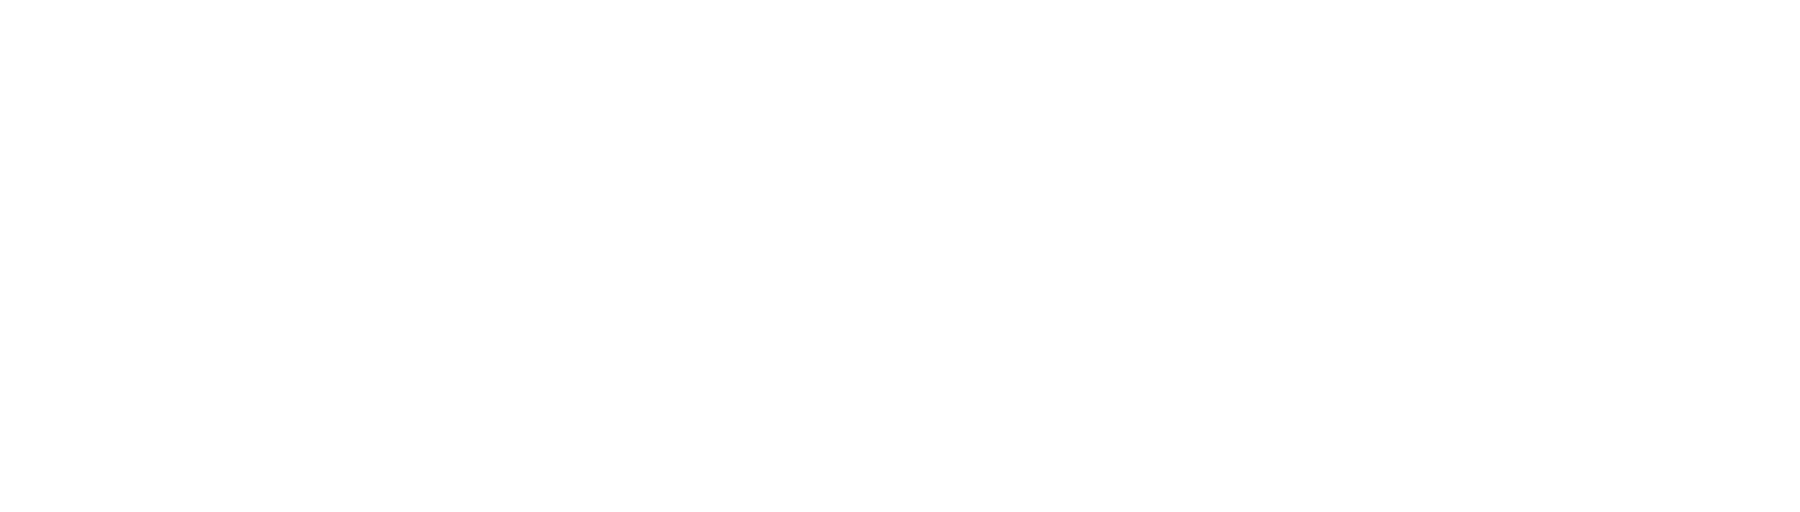 フィーリングループロゴ